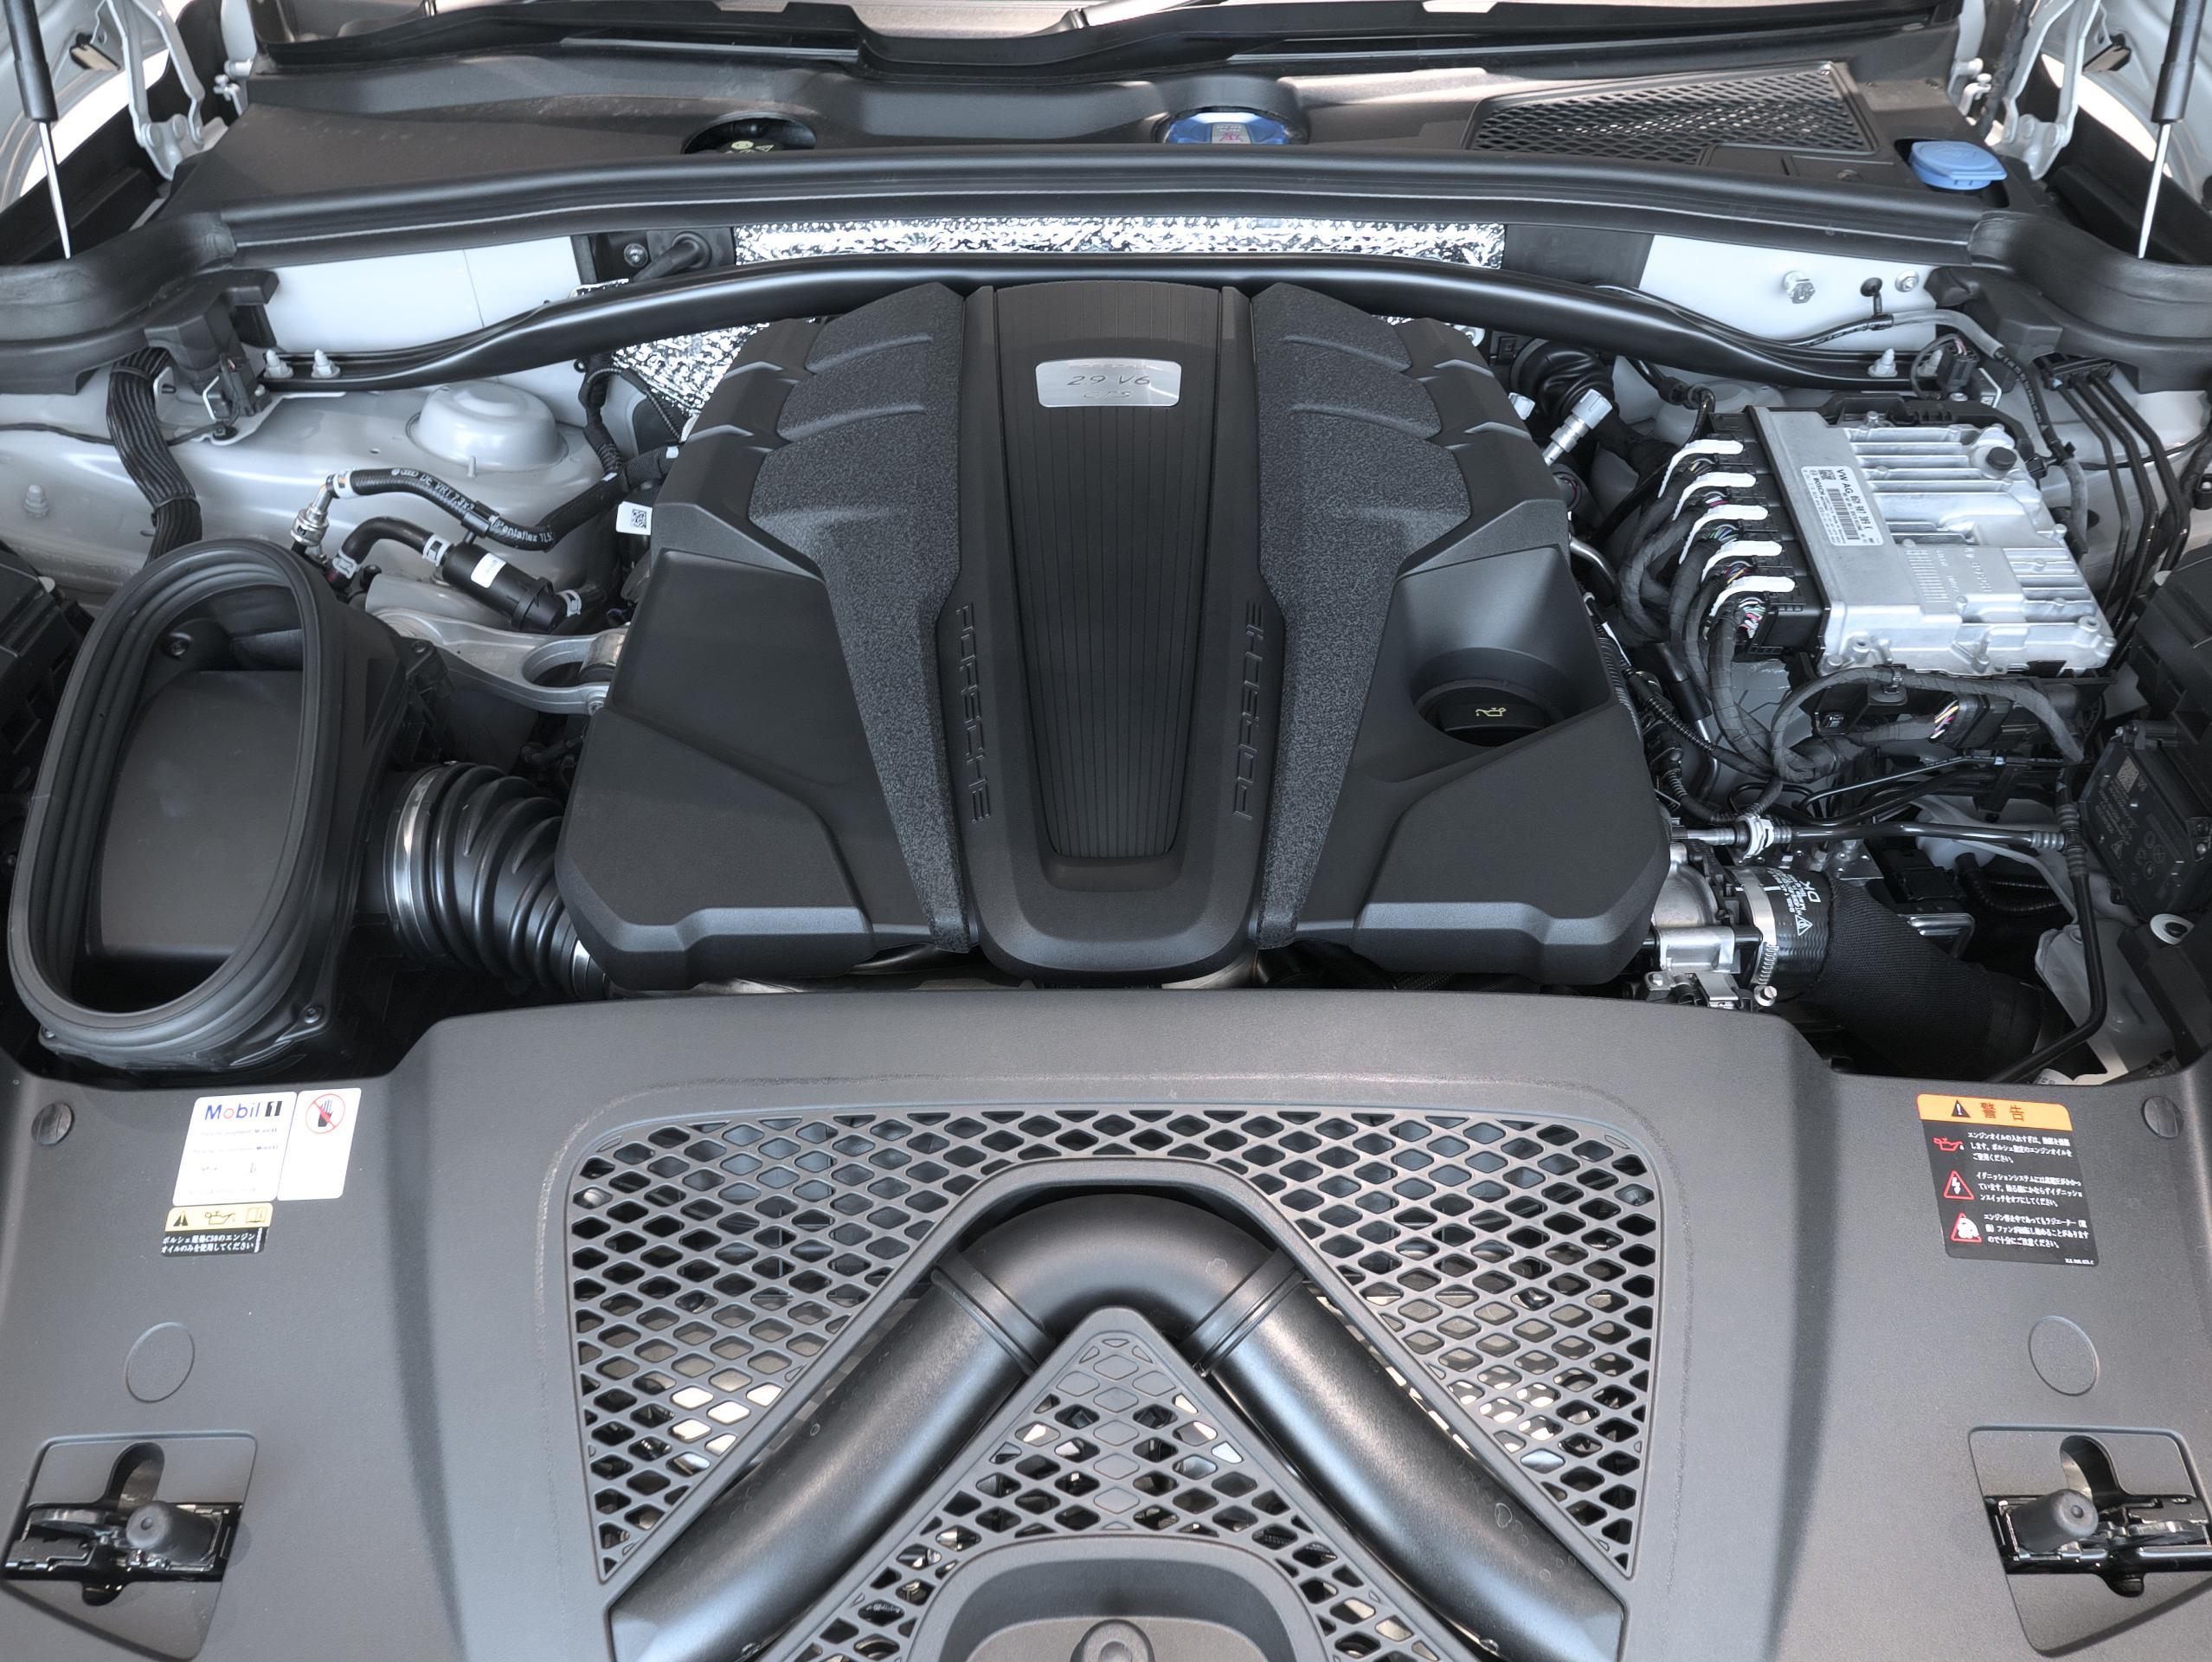 ポルシェ マカン GTS スポーツクロノ エンジンルーム